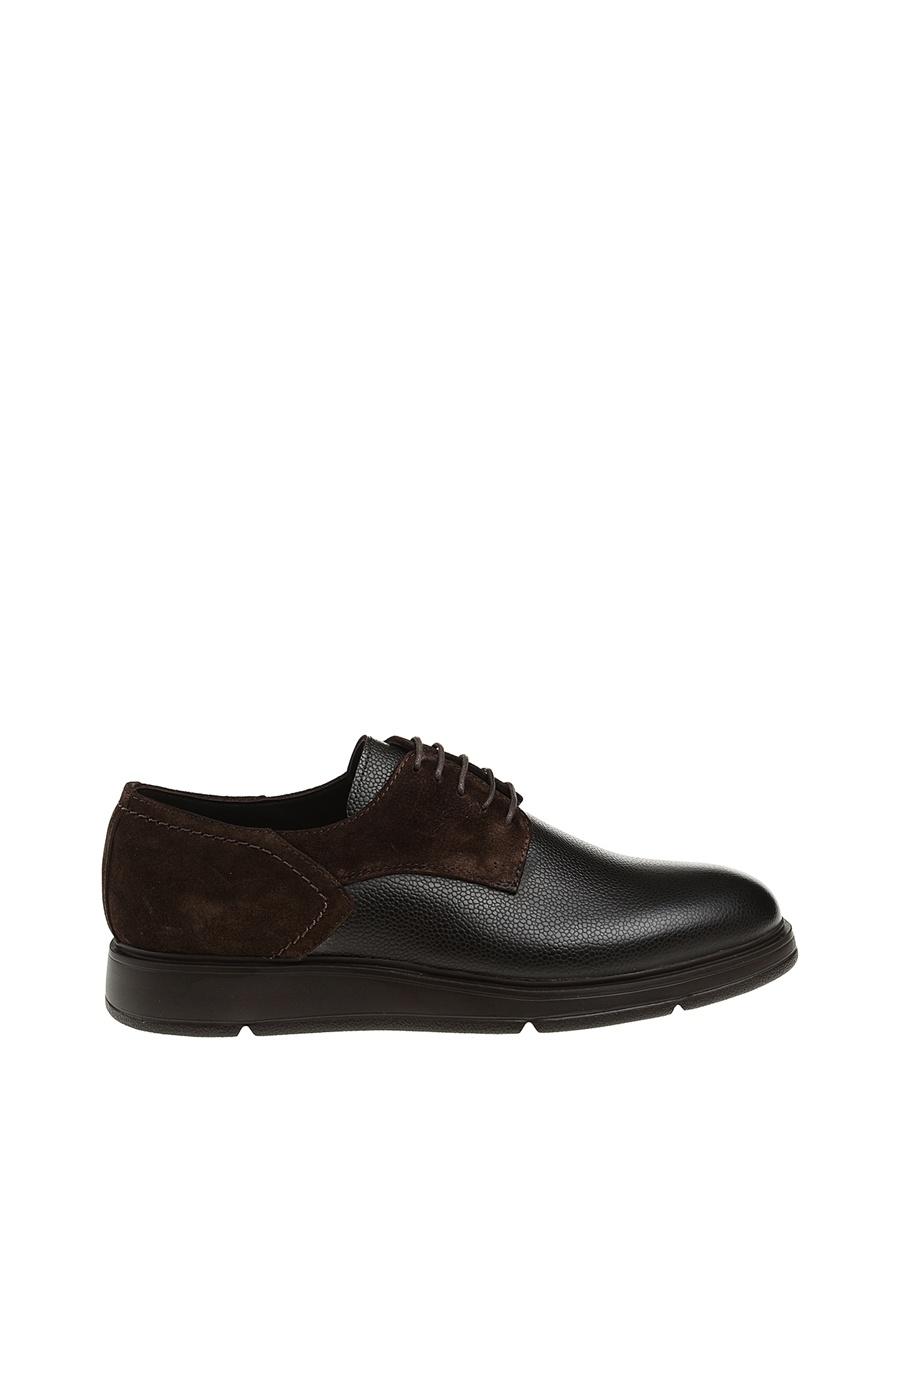 Kahverengi Deri Ayakkabı - Renk Kahverengi . - Network